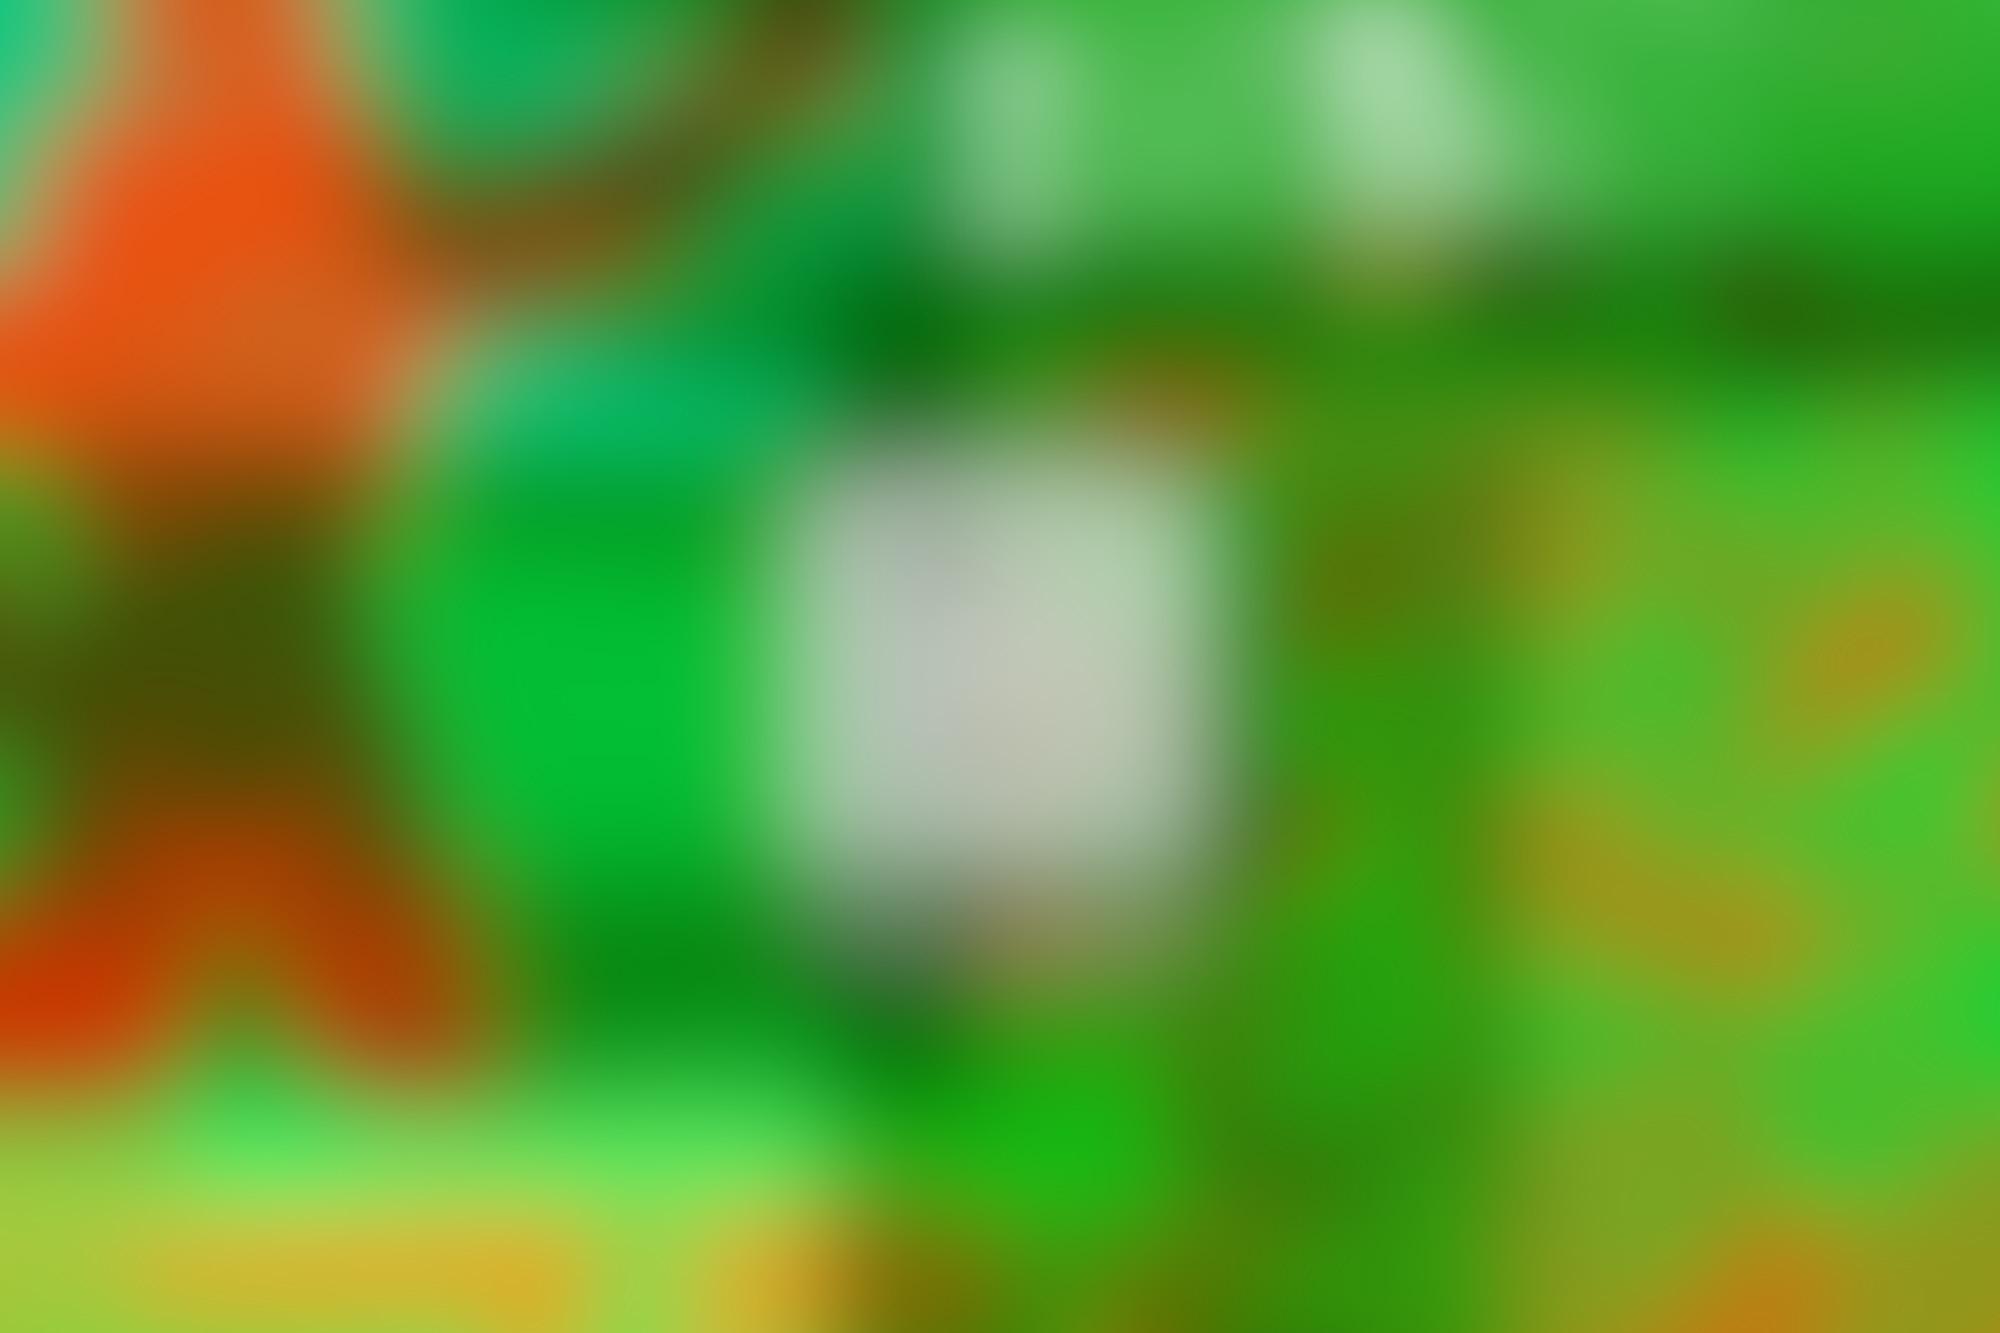 The Union logo animation 2017 C2 A9 TEMPLO autocompressfitresizeixlibphp 1 1 0max h2000max w3 D2000q80sfafddc46e041c7c7dab8dc53da609a8c